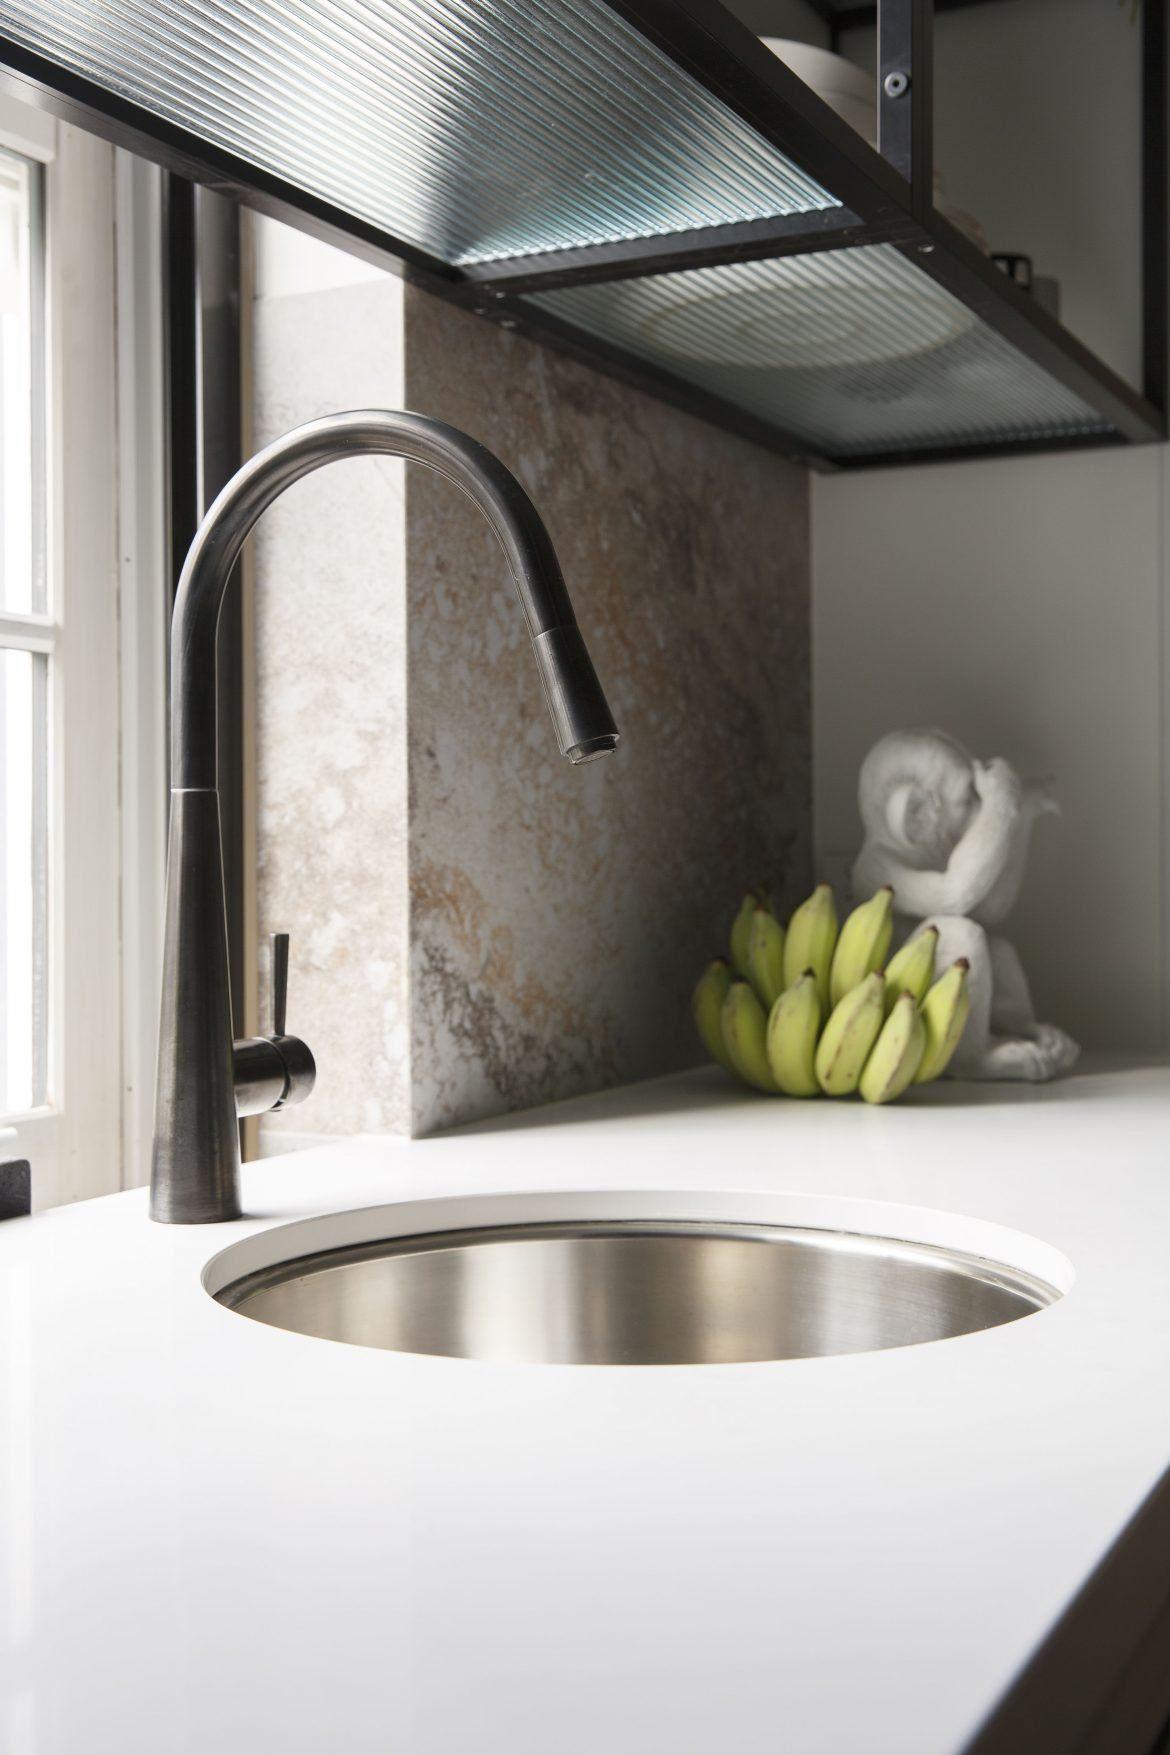 A Cafe Style Challenge Kitchen On The Block 2018 In 2020 Round Kitchen Sink Best Kitchen Sinks Modern Kitchen Sinks